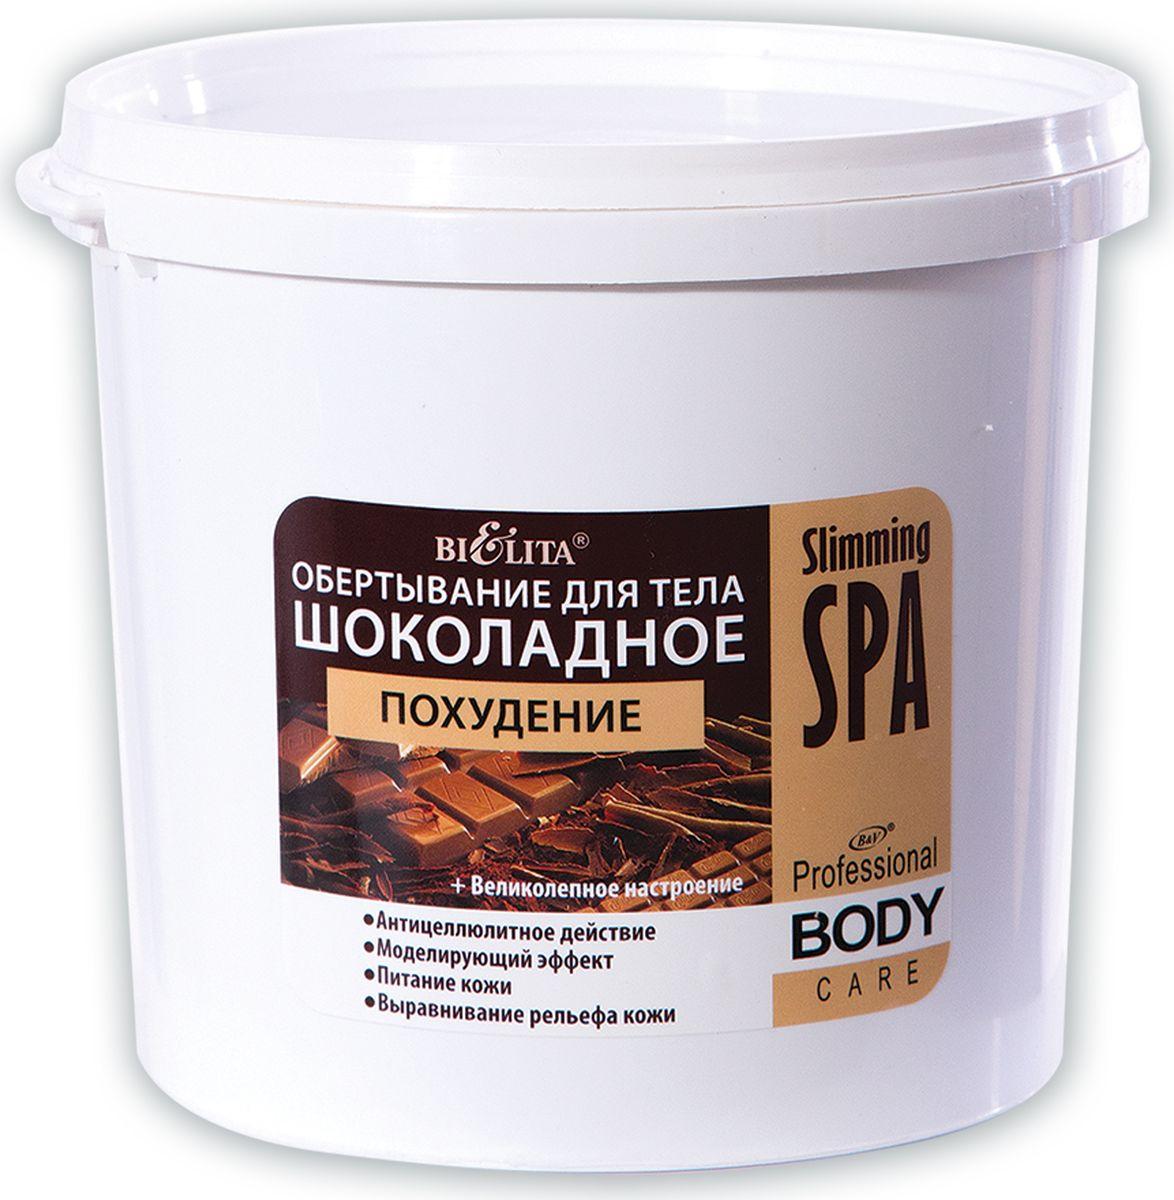 Белита Обертывание для тела шоколадное похудение Slimming Spa, 1 кг - Косметика по уходу за кожей